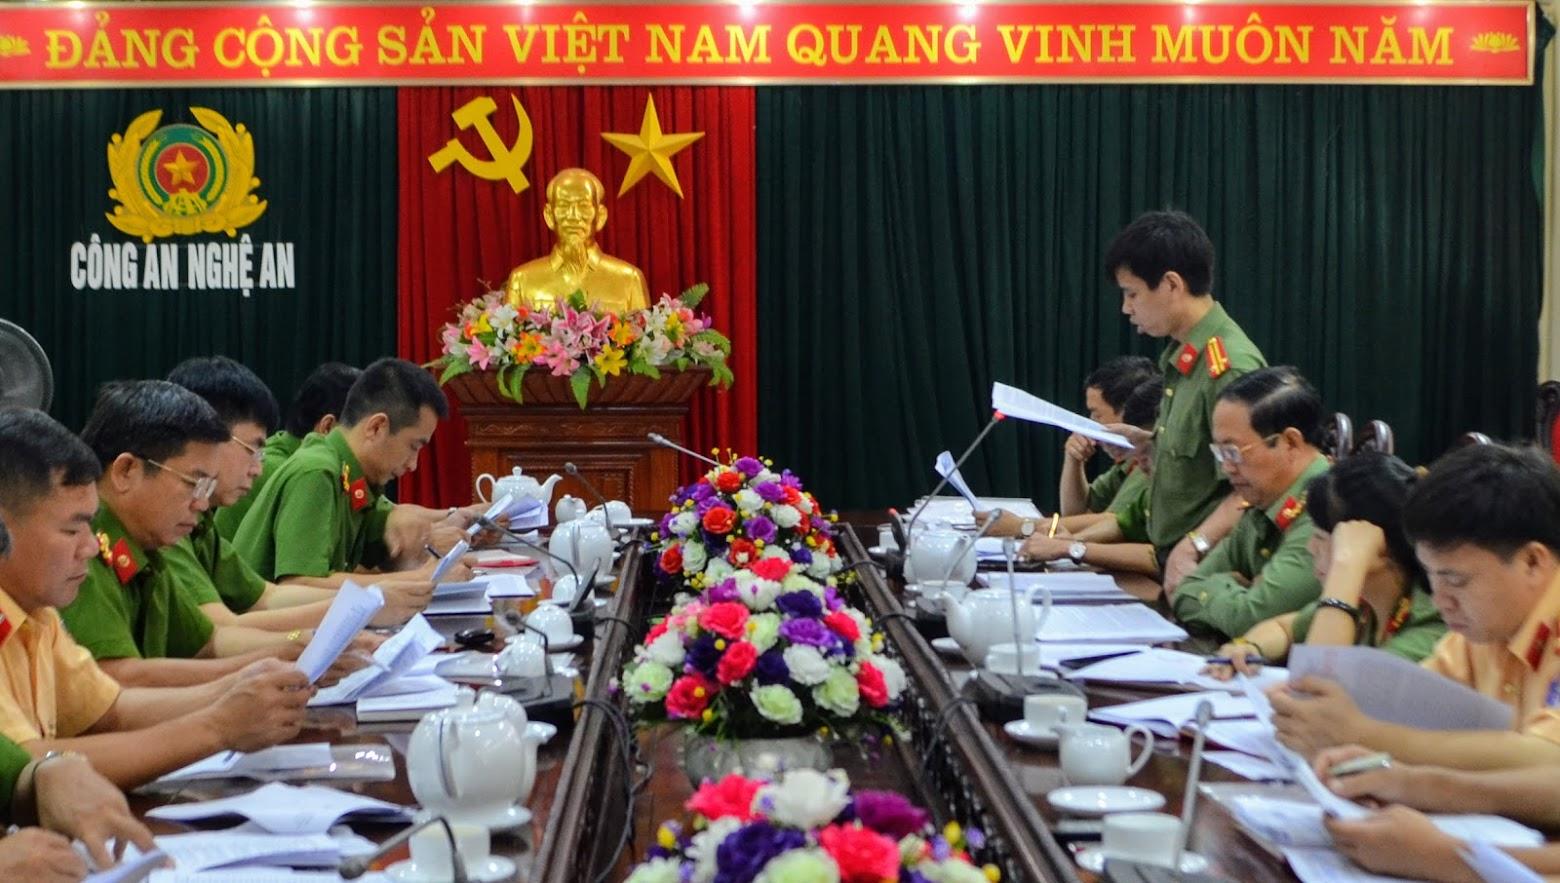 Đại diện lãnh đạo Phòng Tham mưu Công an Nghệ An báo cáo một số kết quả ứng dụng CNTT trong CCHC